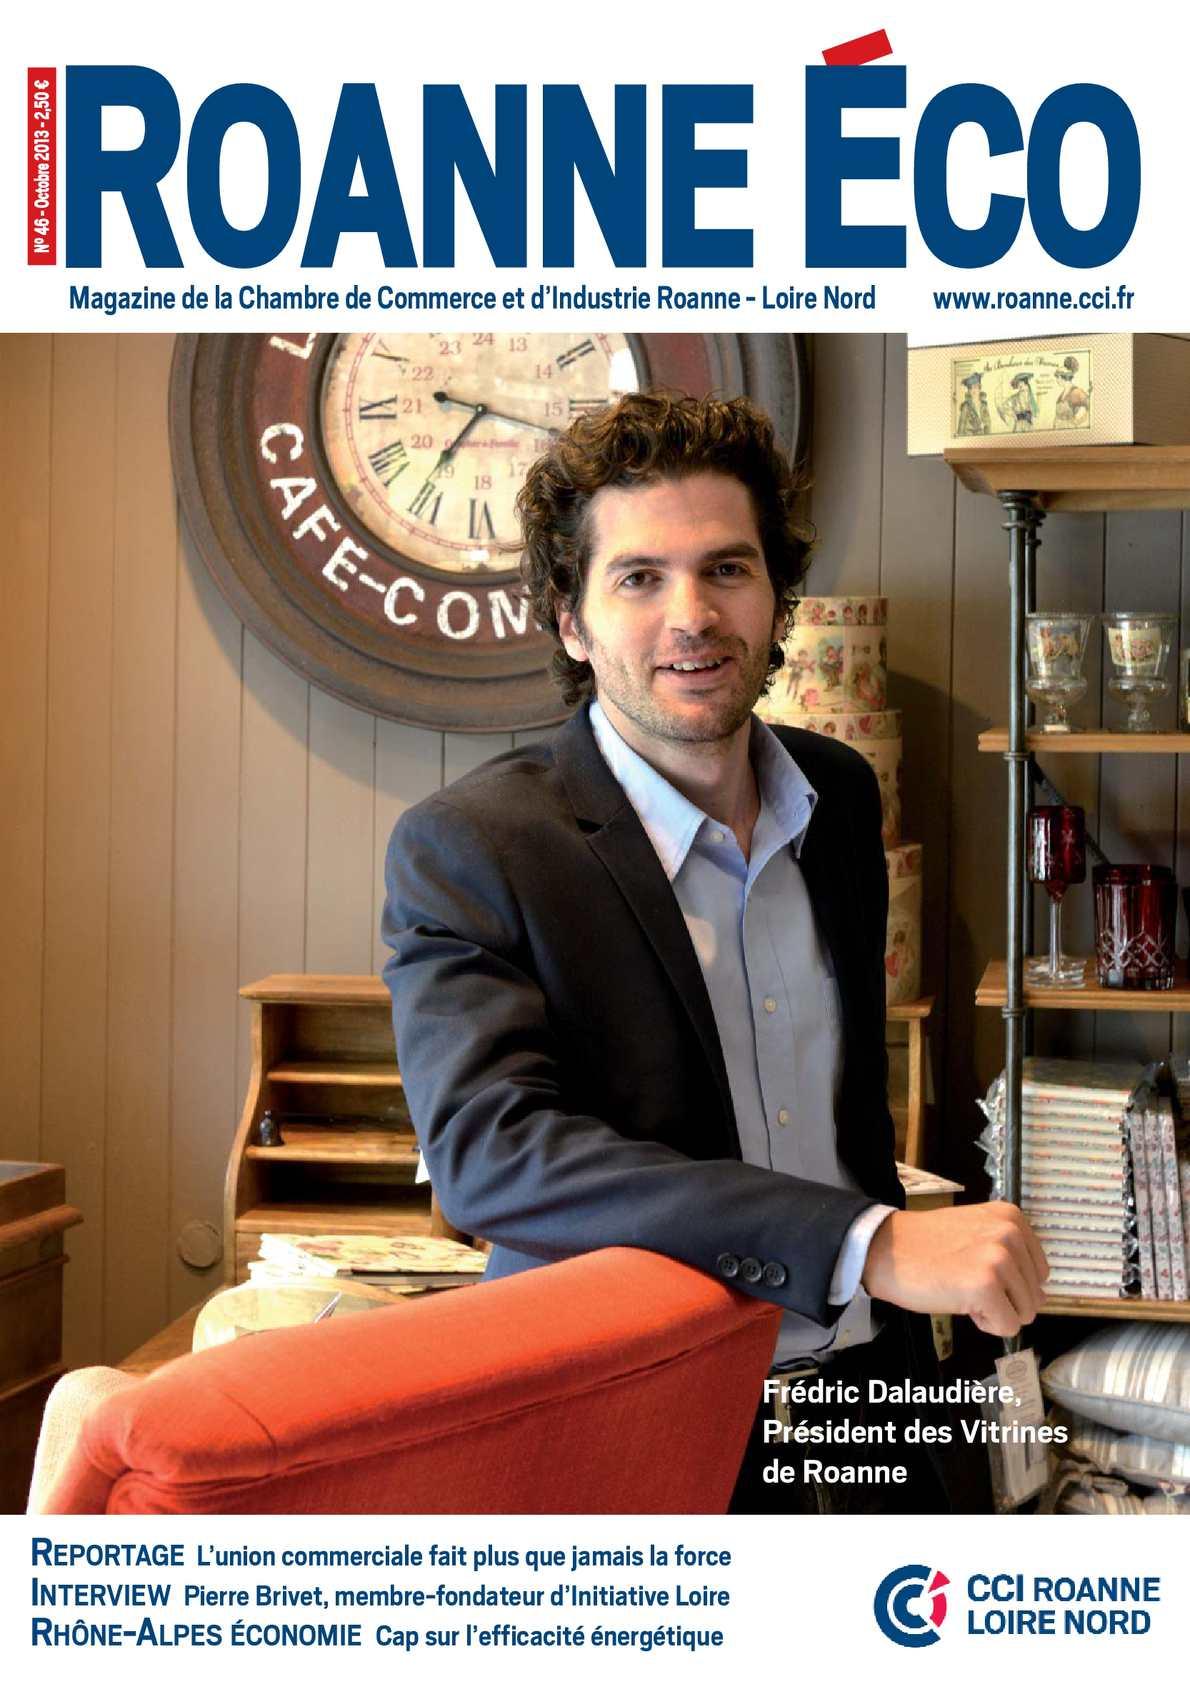 Calam o roanne eco n 46 octobre 2013 - Chambre de commerce et d industrie de l ain ...